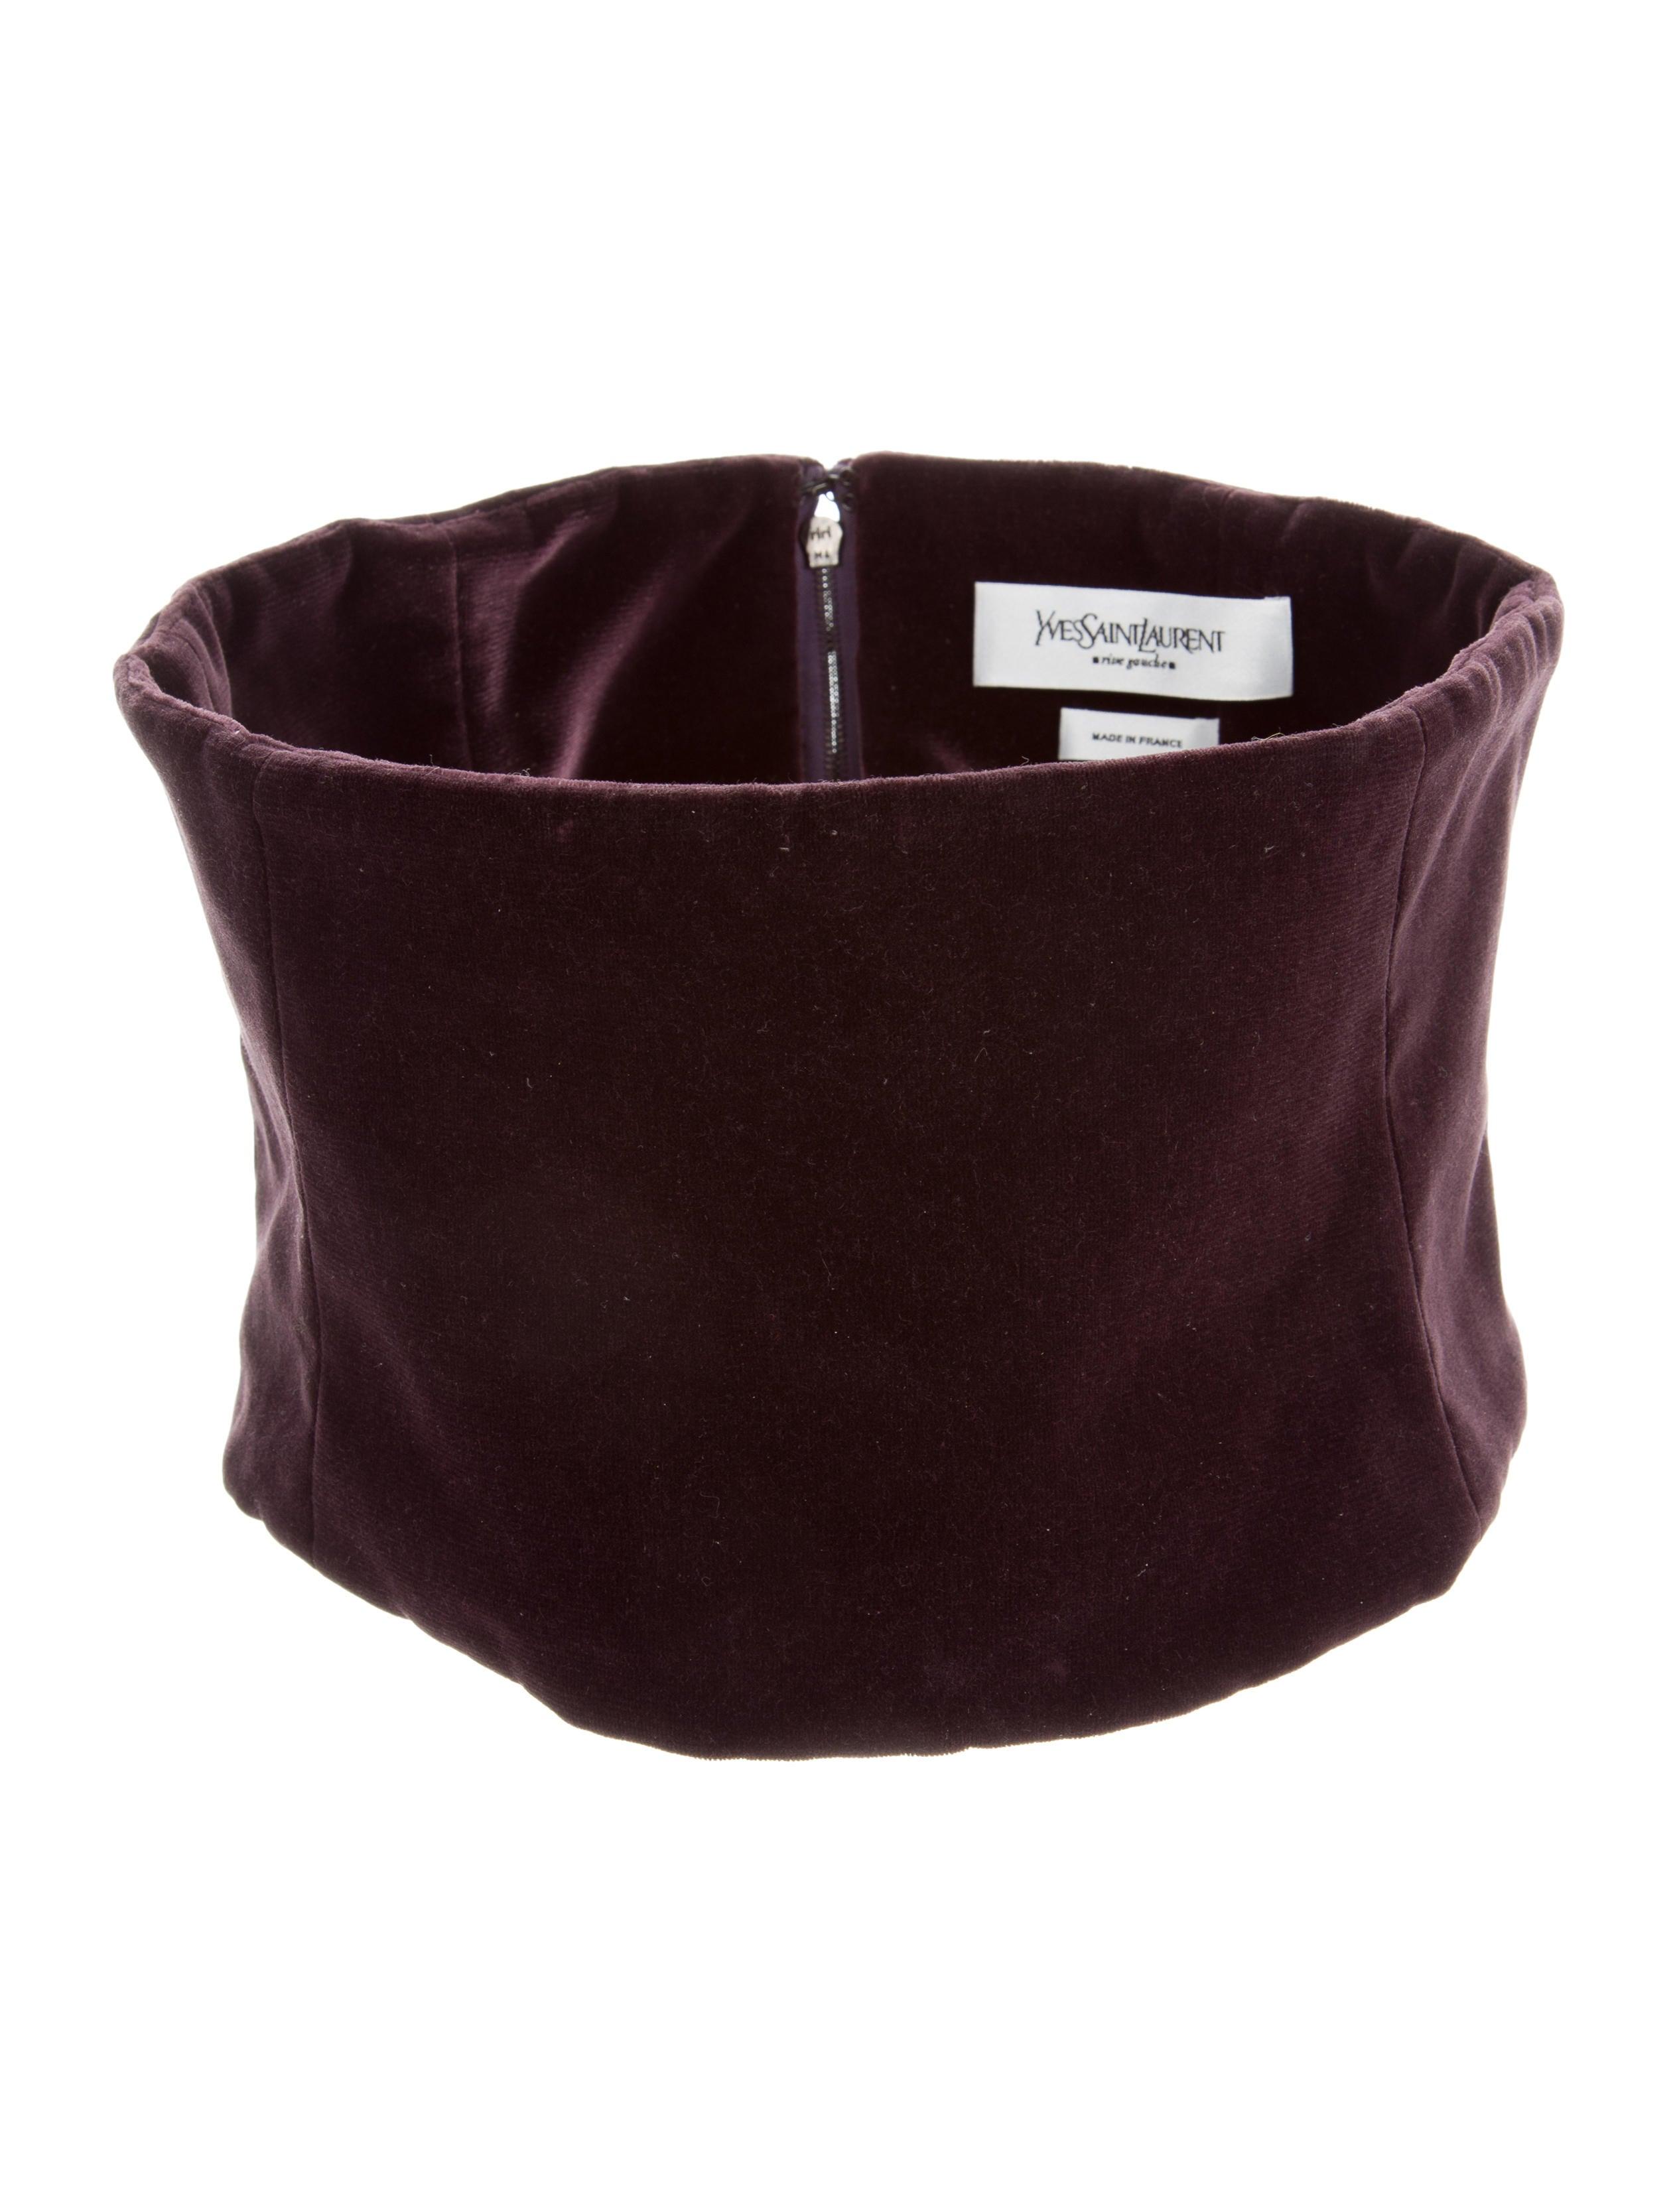 521b6b980c6f Gucci GG Marmont Matelasse Velvet Belt Bag (Varied Colors) Yves Saint  Laurent Velvet Corset Belt - Accessories - YVE62685   The RealReal